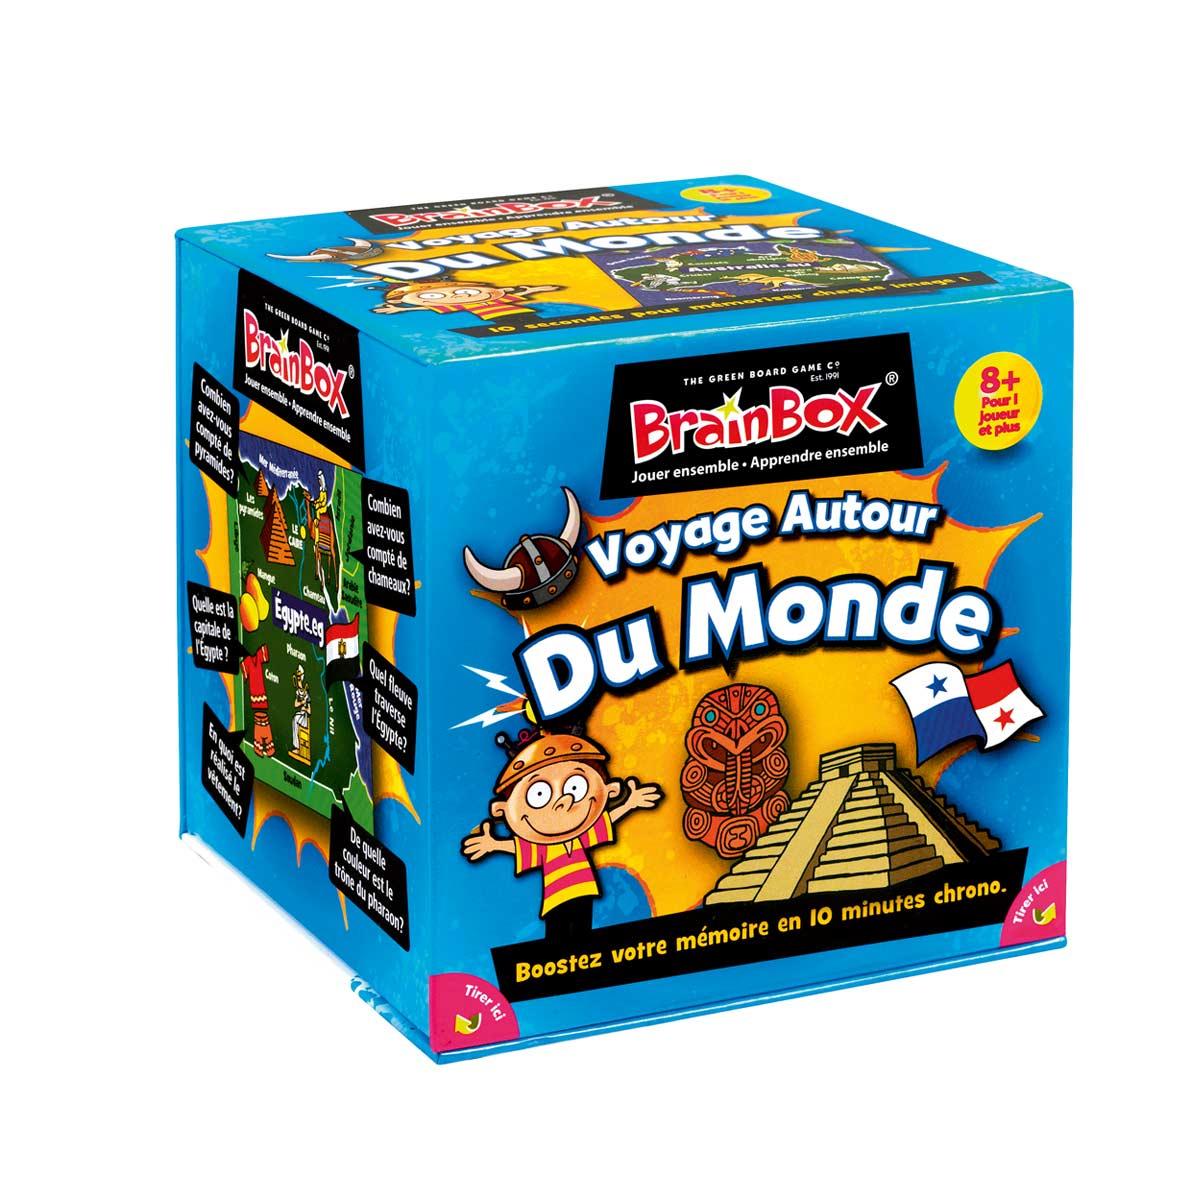 Brainbox Voyage Autour Du Monde à Jeux De Memoire Enfant